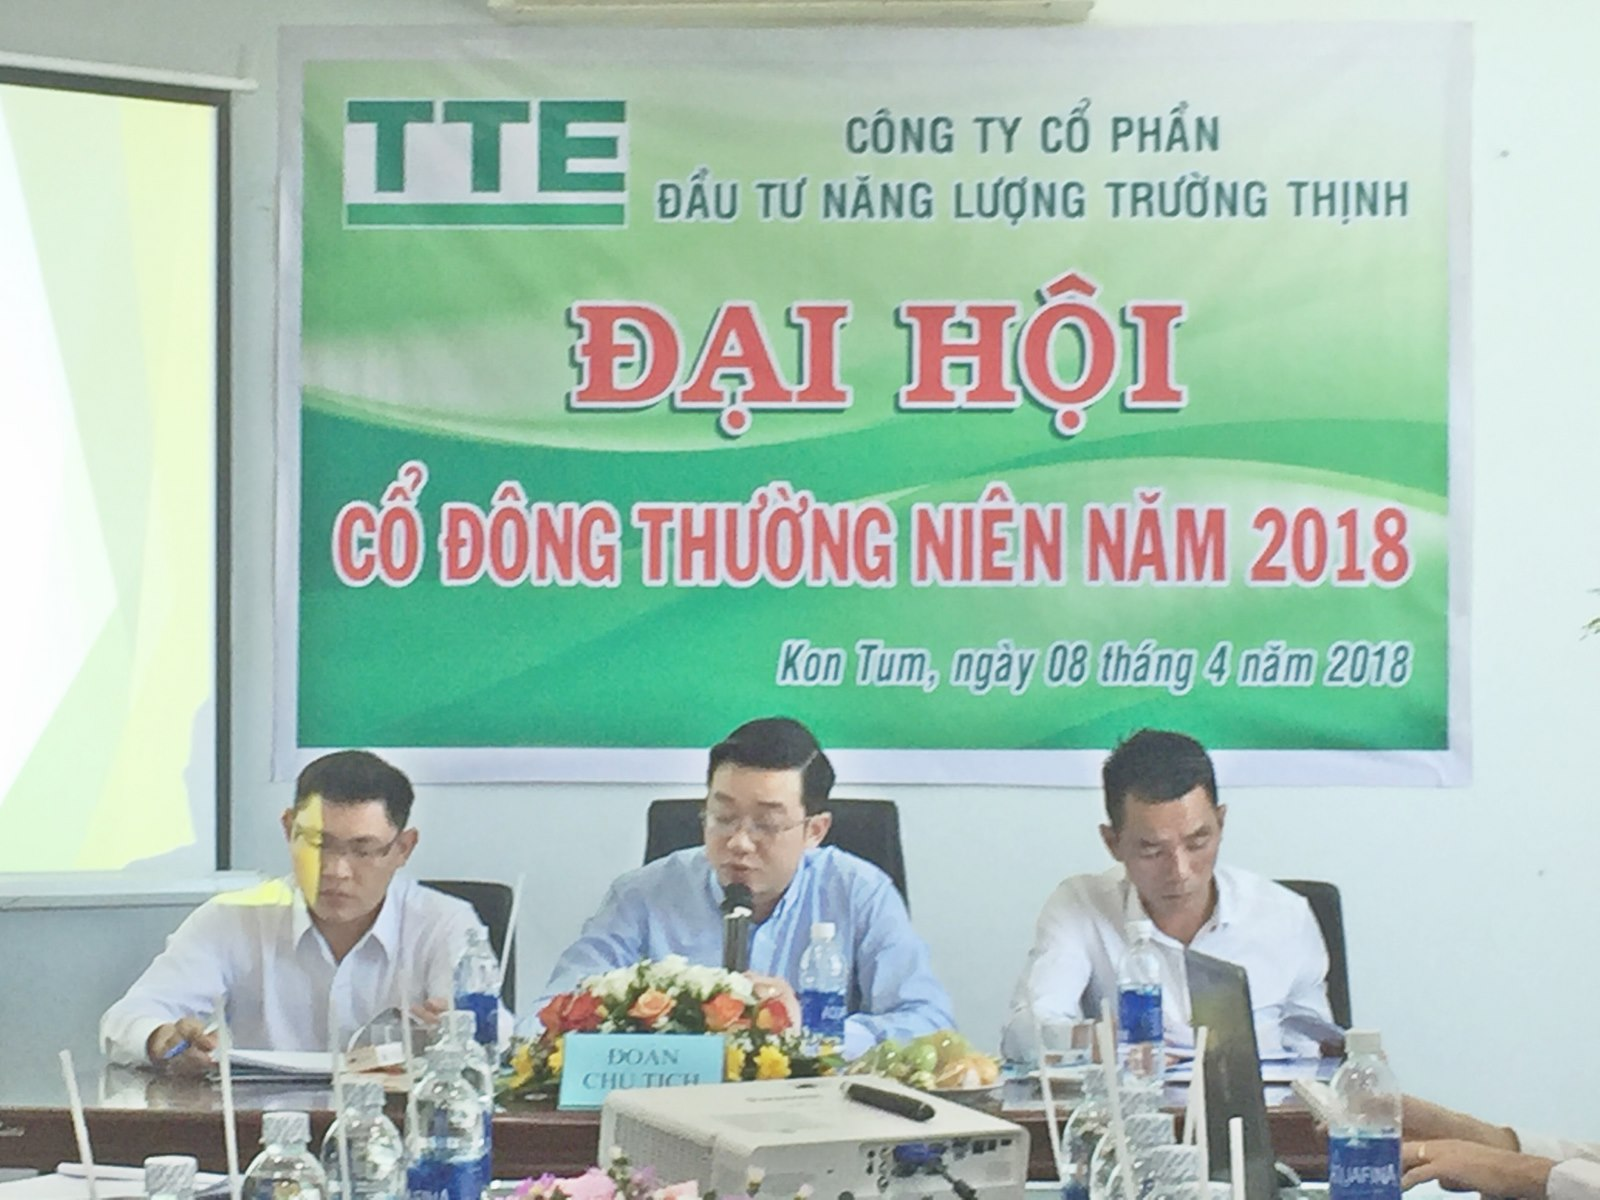 Ông Trần Quang Chung – Chủ tọa (giữa), Ông Lê Văn Khoa – Thành viên (trái), Ông Nguyễn Ngọc Trung – Thành viên (phải)